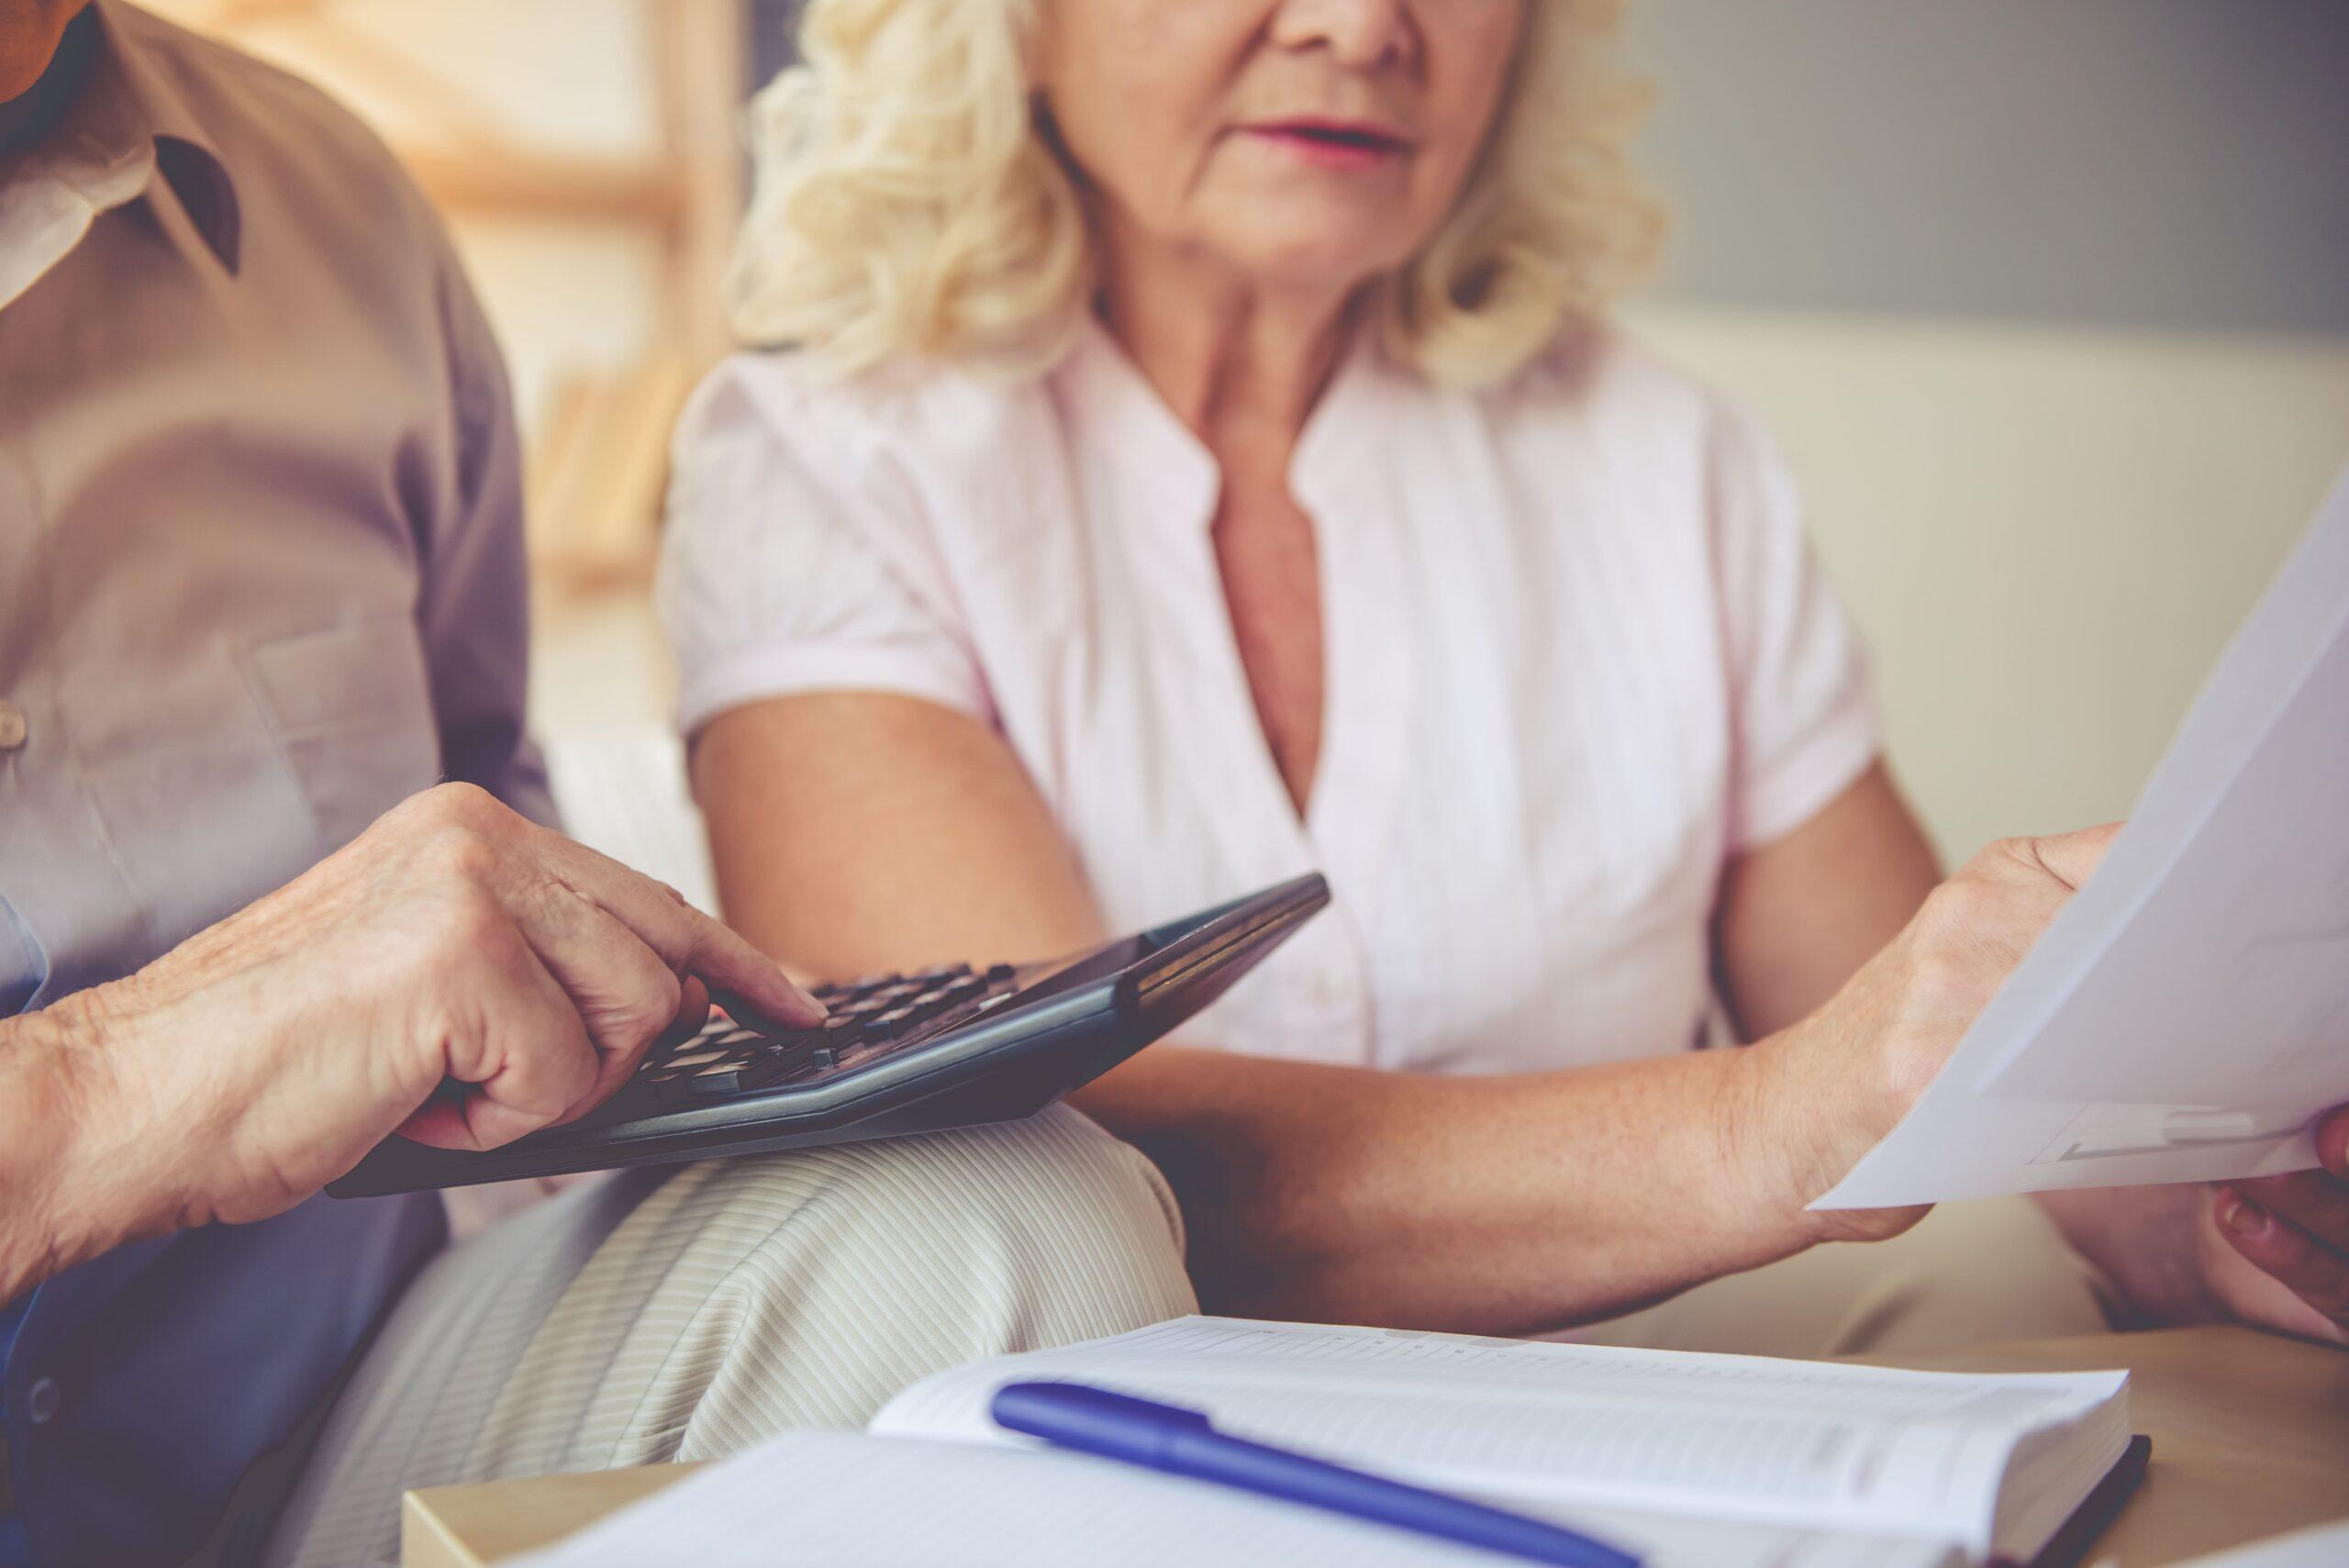 Calcular Pensión: ¿Cuánta será mi Pensión de Jubilación | Cómo Calcularla